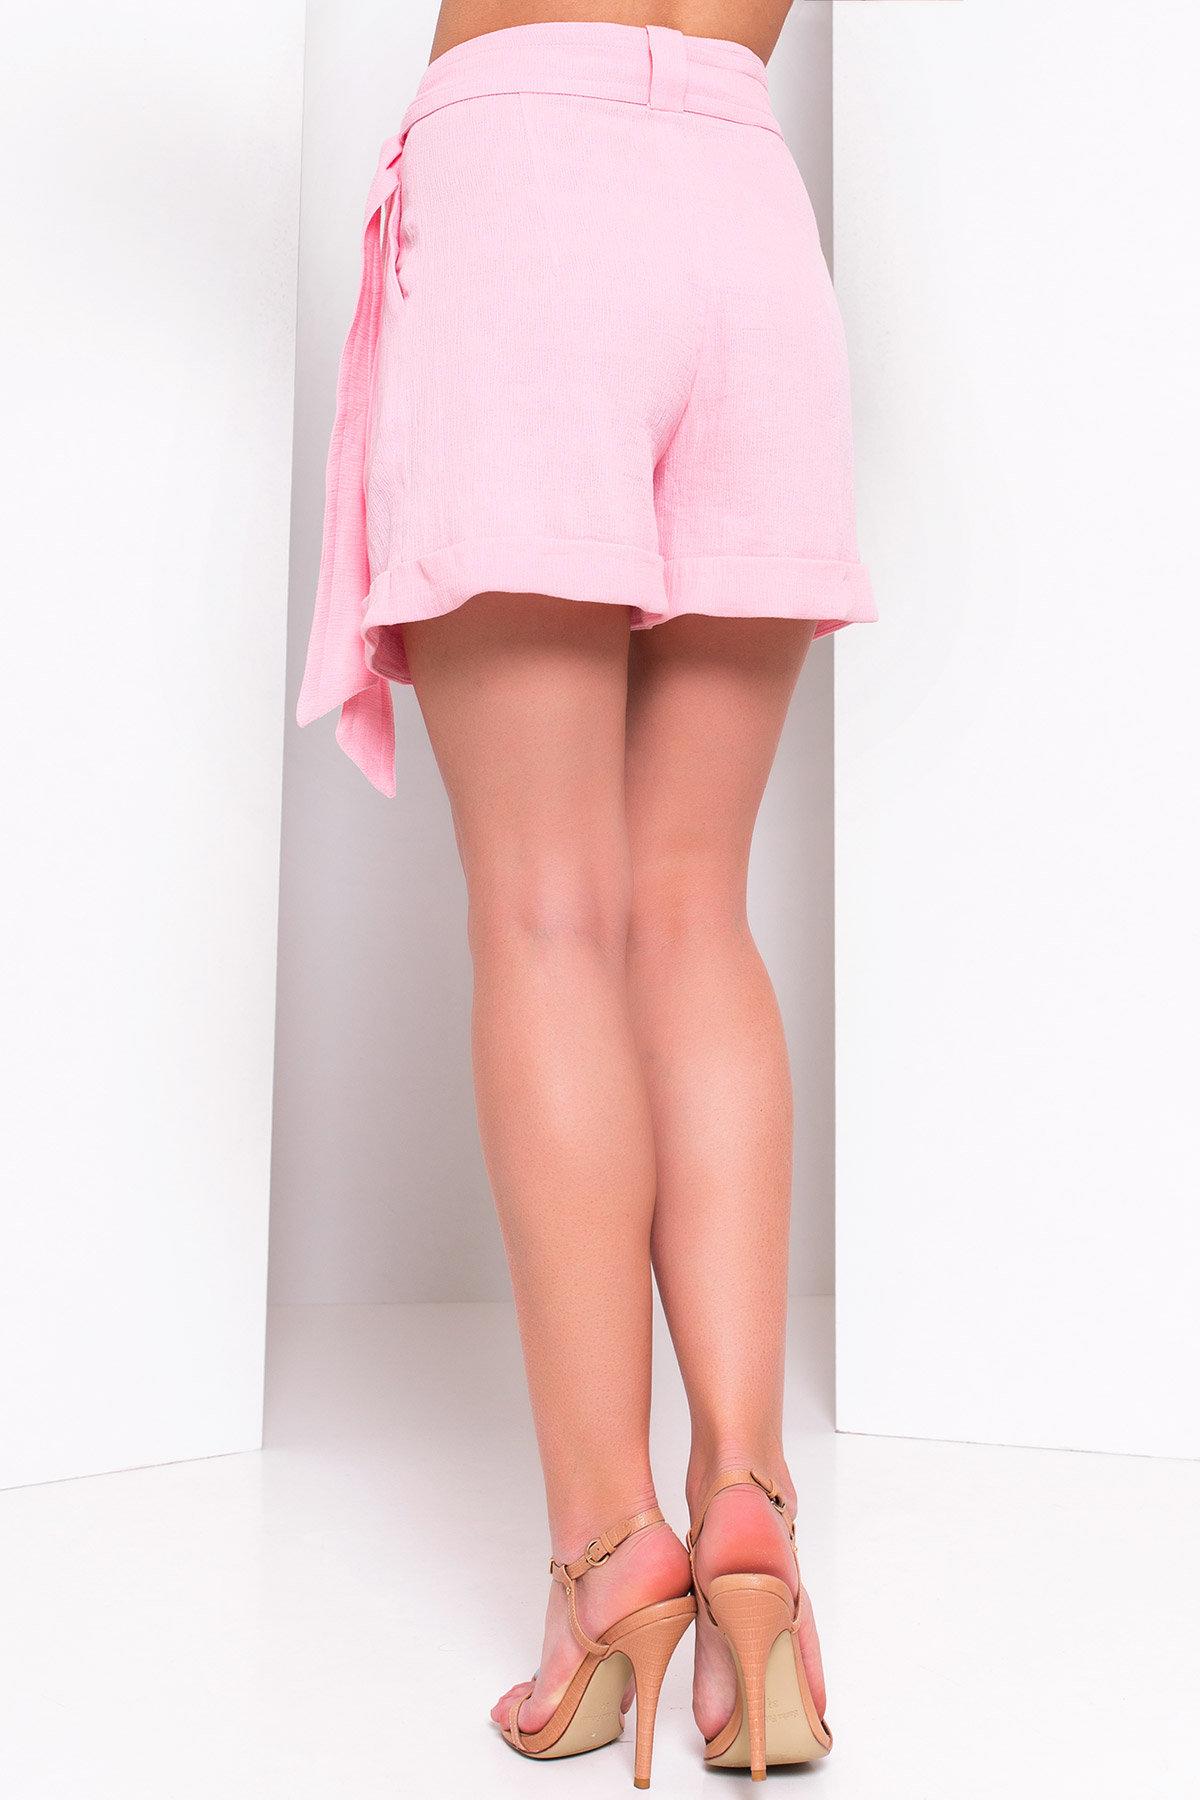 Шорты Каллен 3016  АРТ. 15787 Цвет: Розовый - фото 3, интернет магазин tm-modus.ru